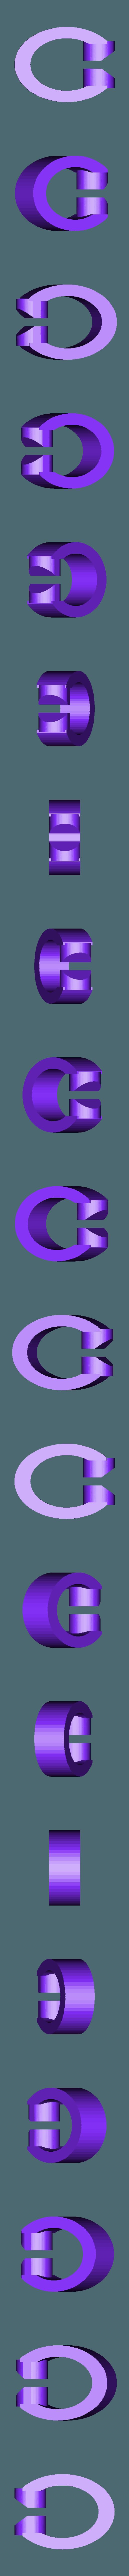 Bottle_Hook.stl Download free STL file SUP Bottle Clip • 3D printing model, stibo